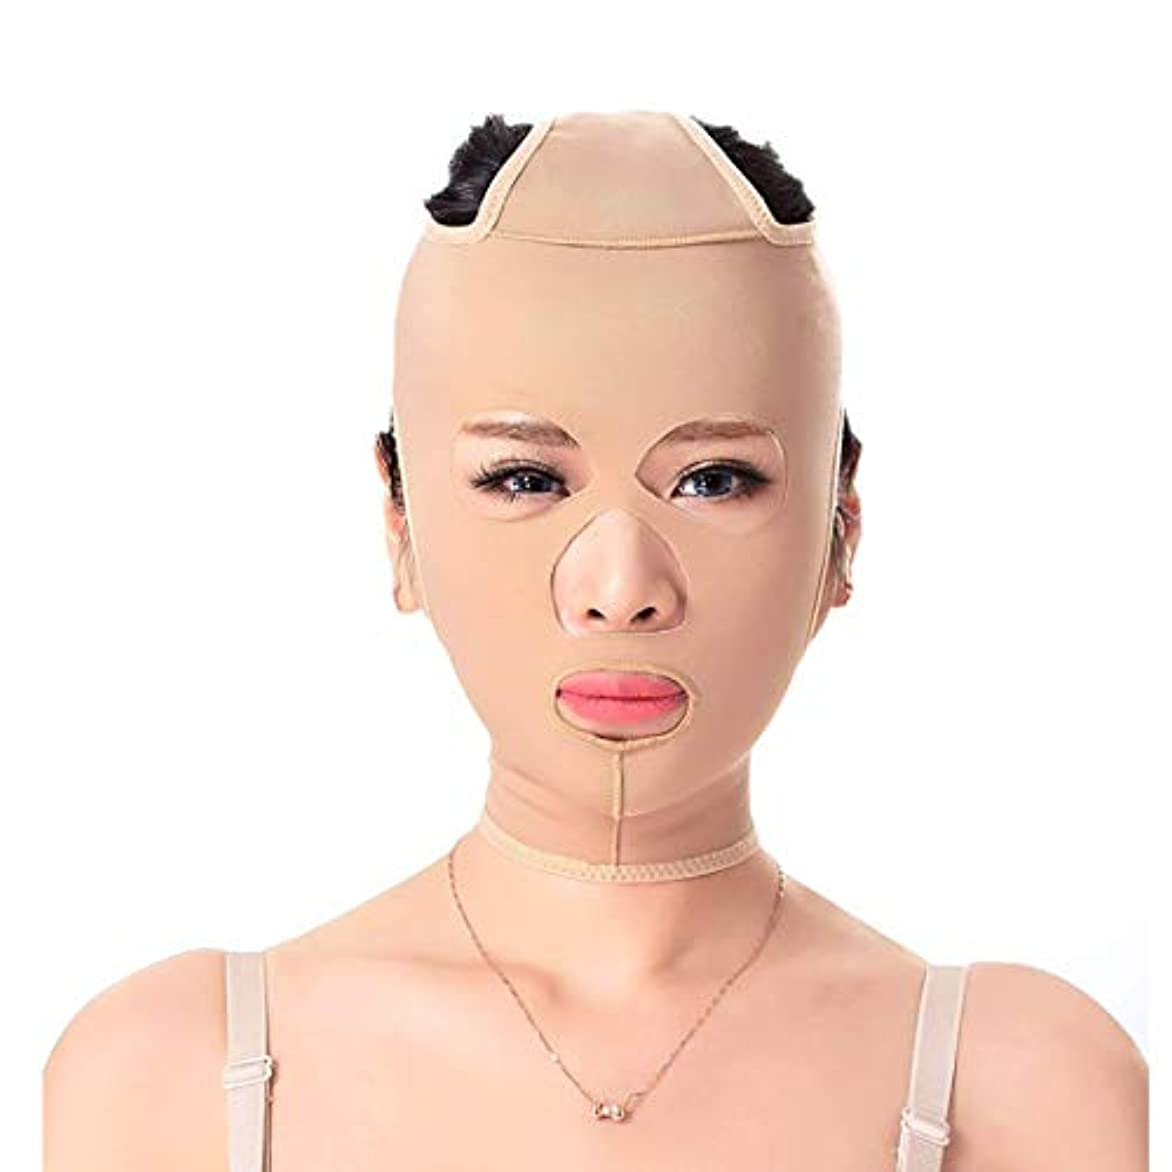 主流純粋に崇拝するスリミングベルト、二重あごの引き締め顔面プラスチック顔アーティファクト強力な顔の包帯を脇に持ち上げるパターンを欺くためのフェイシャルマスク薄いフェイスマスク(サイズ:XXL),M